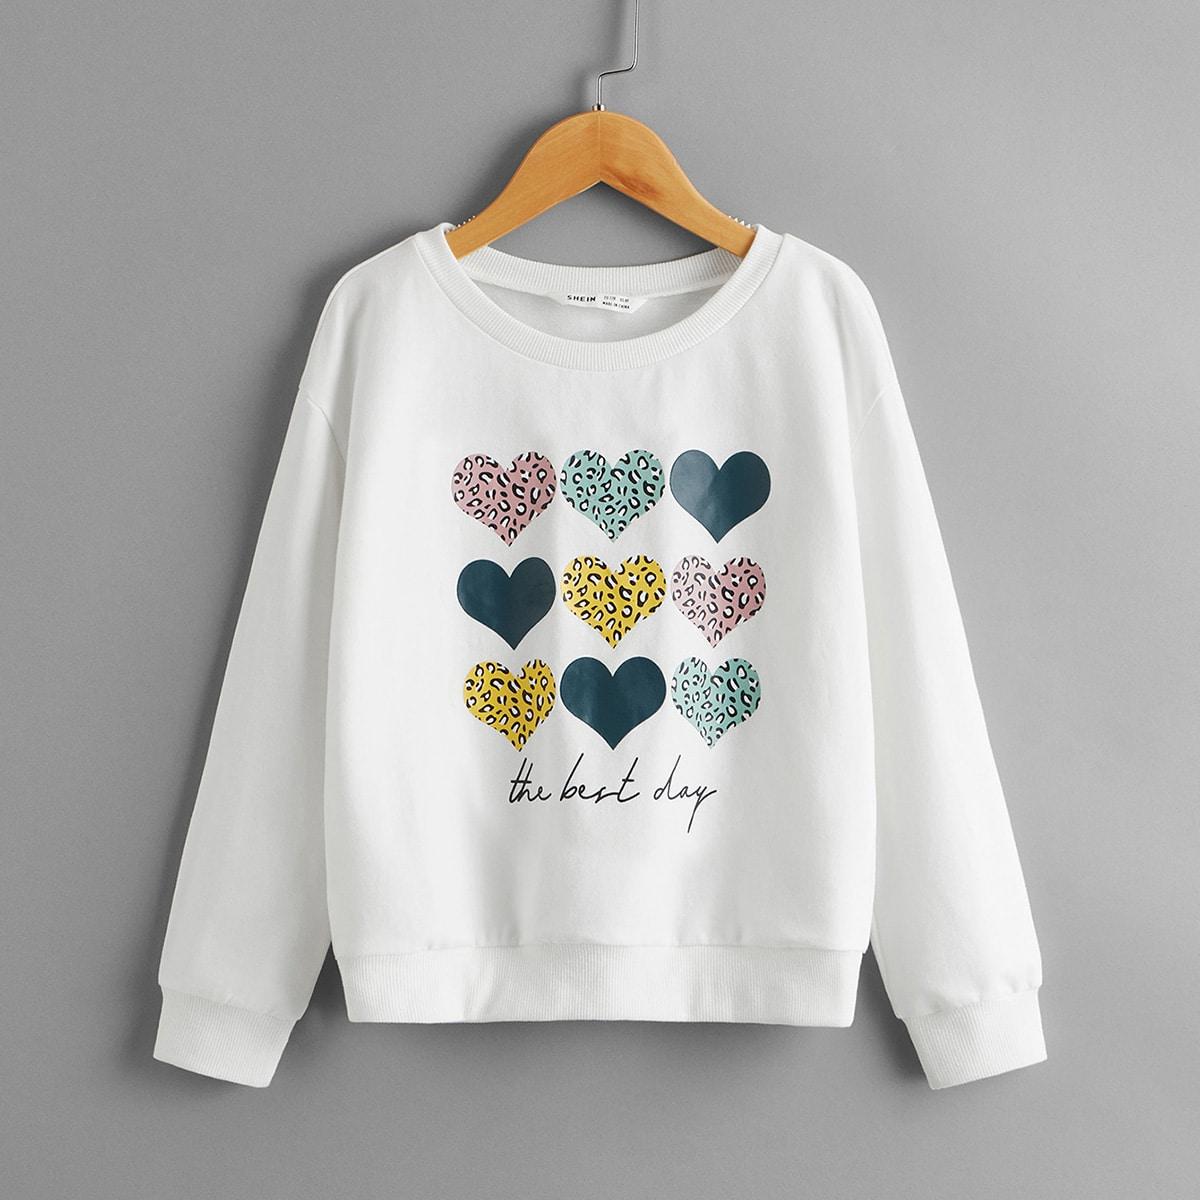 Пуловер с оригинальным принтом для девочек от SHEIN